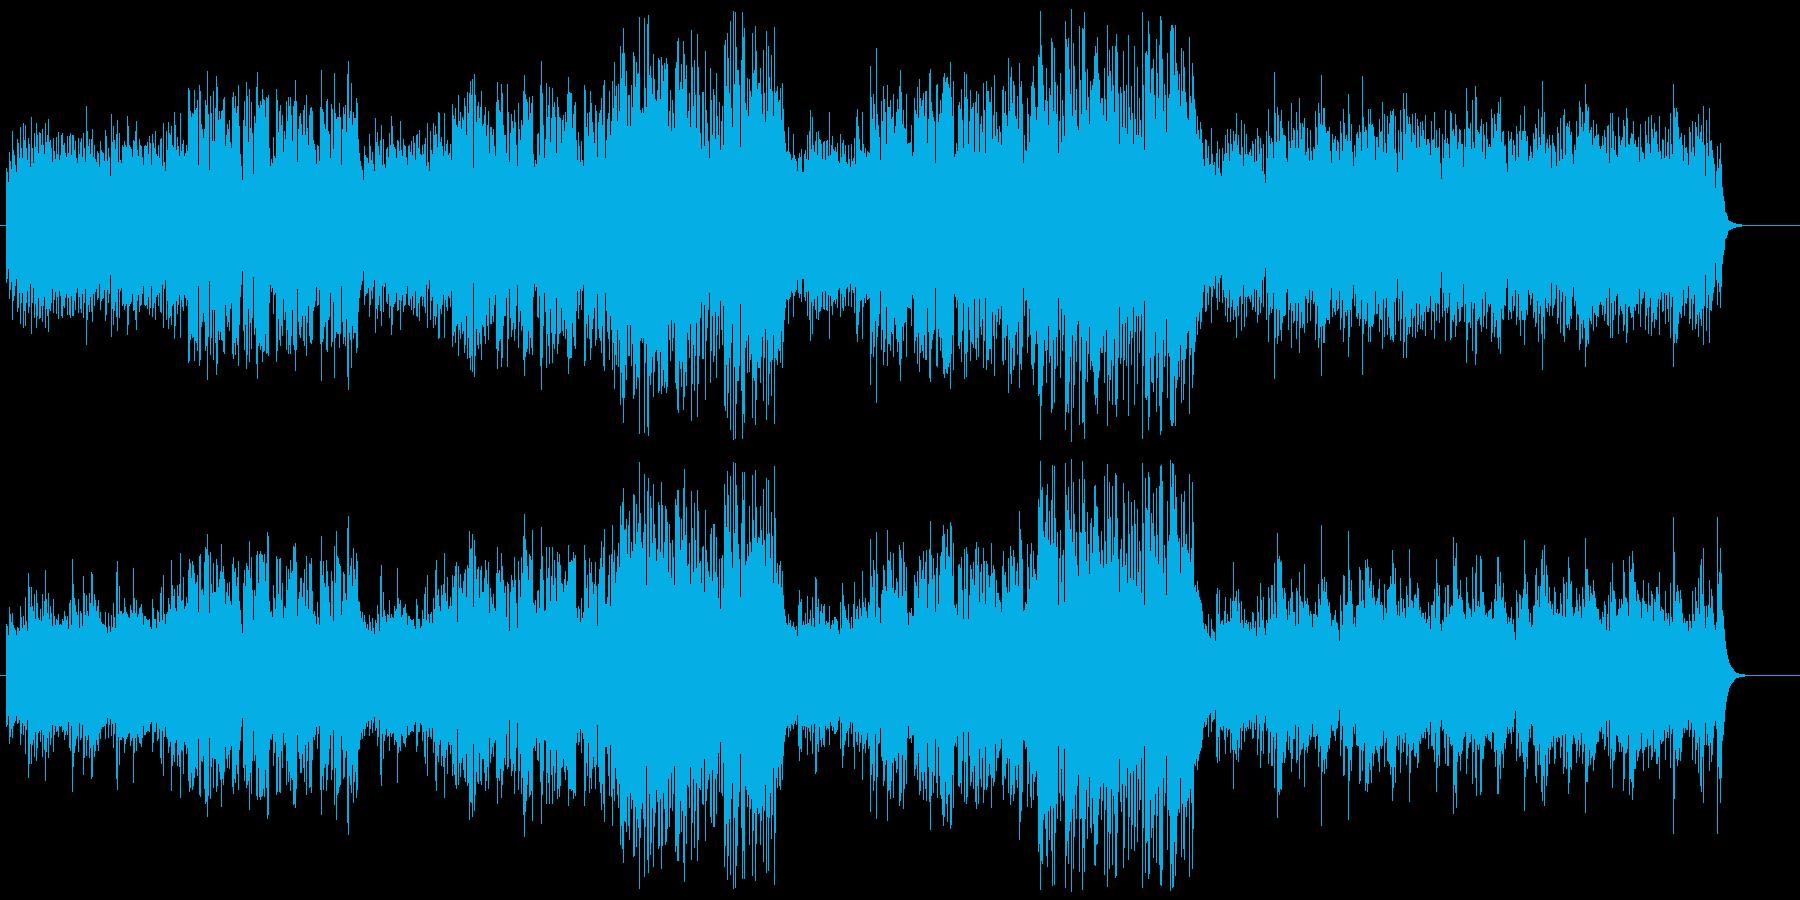 ライク ア ヴァーチャルの再生済みの波形